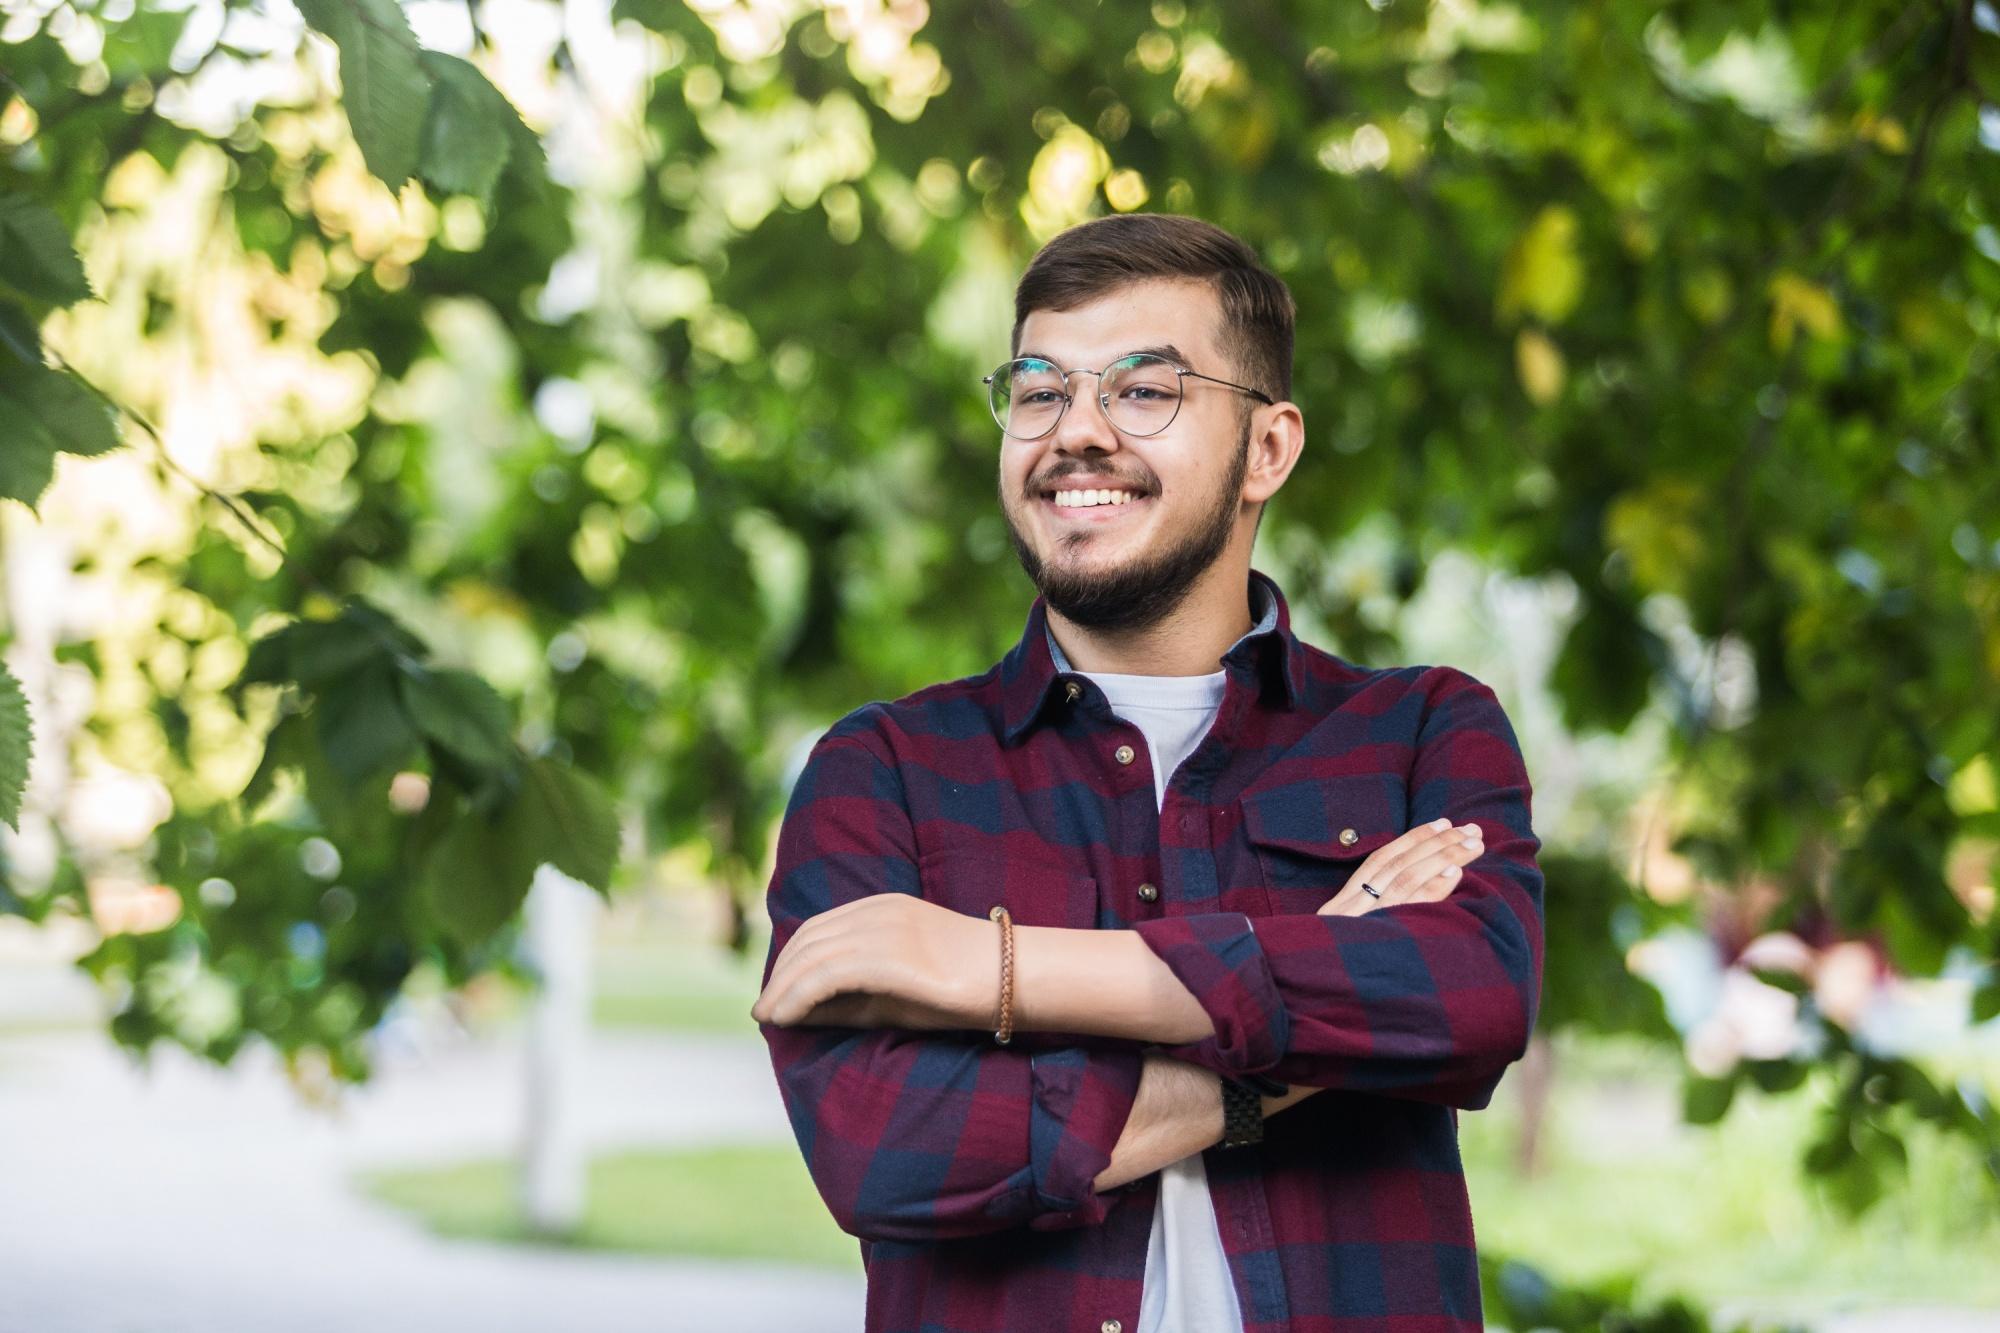 «На меня косились и отстранялись»: история молодого учителя, который живёт с искусственной рукой